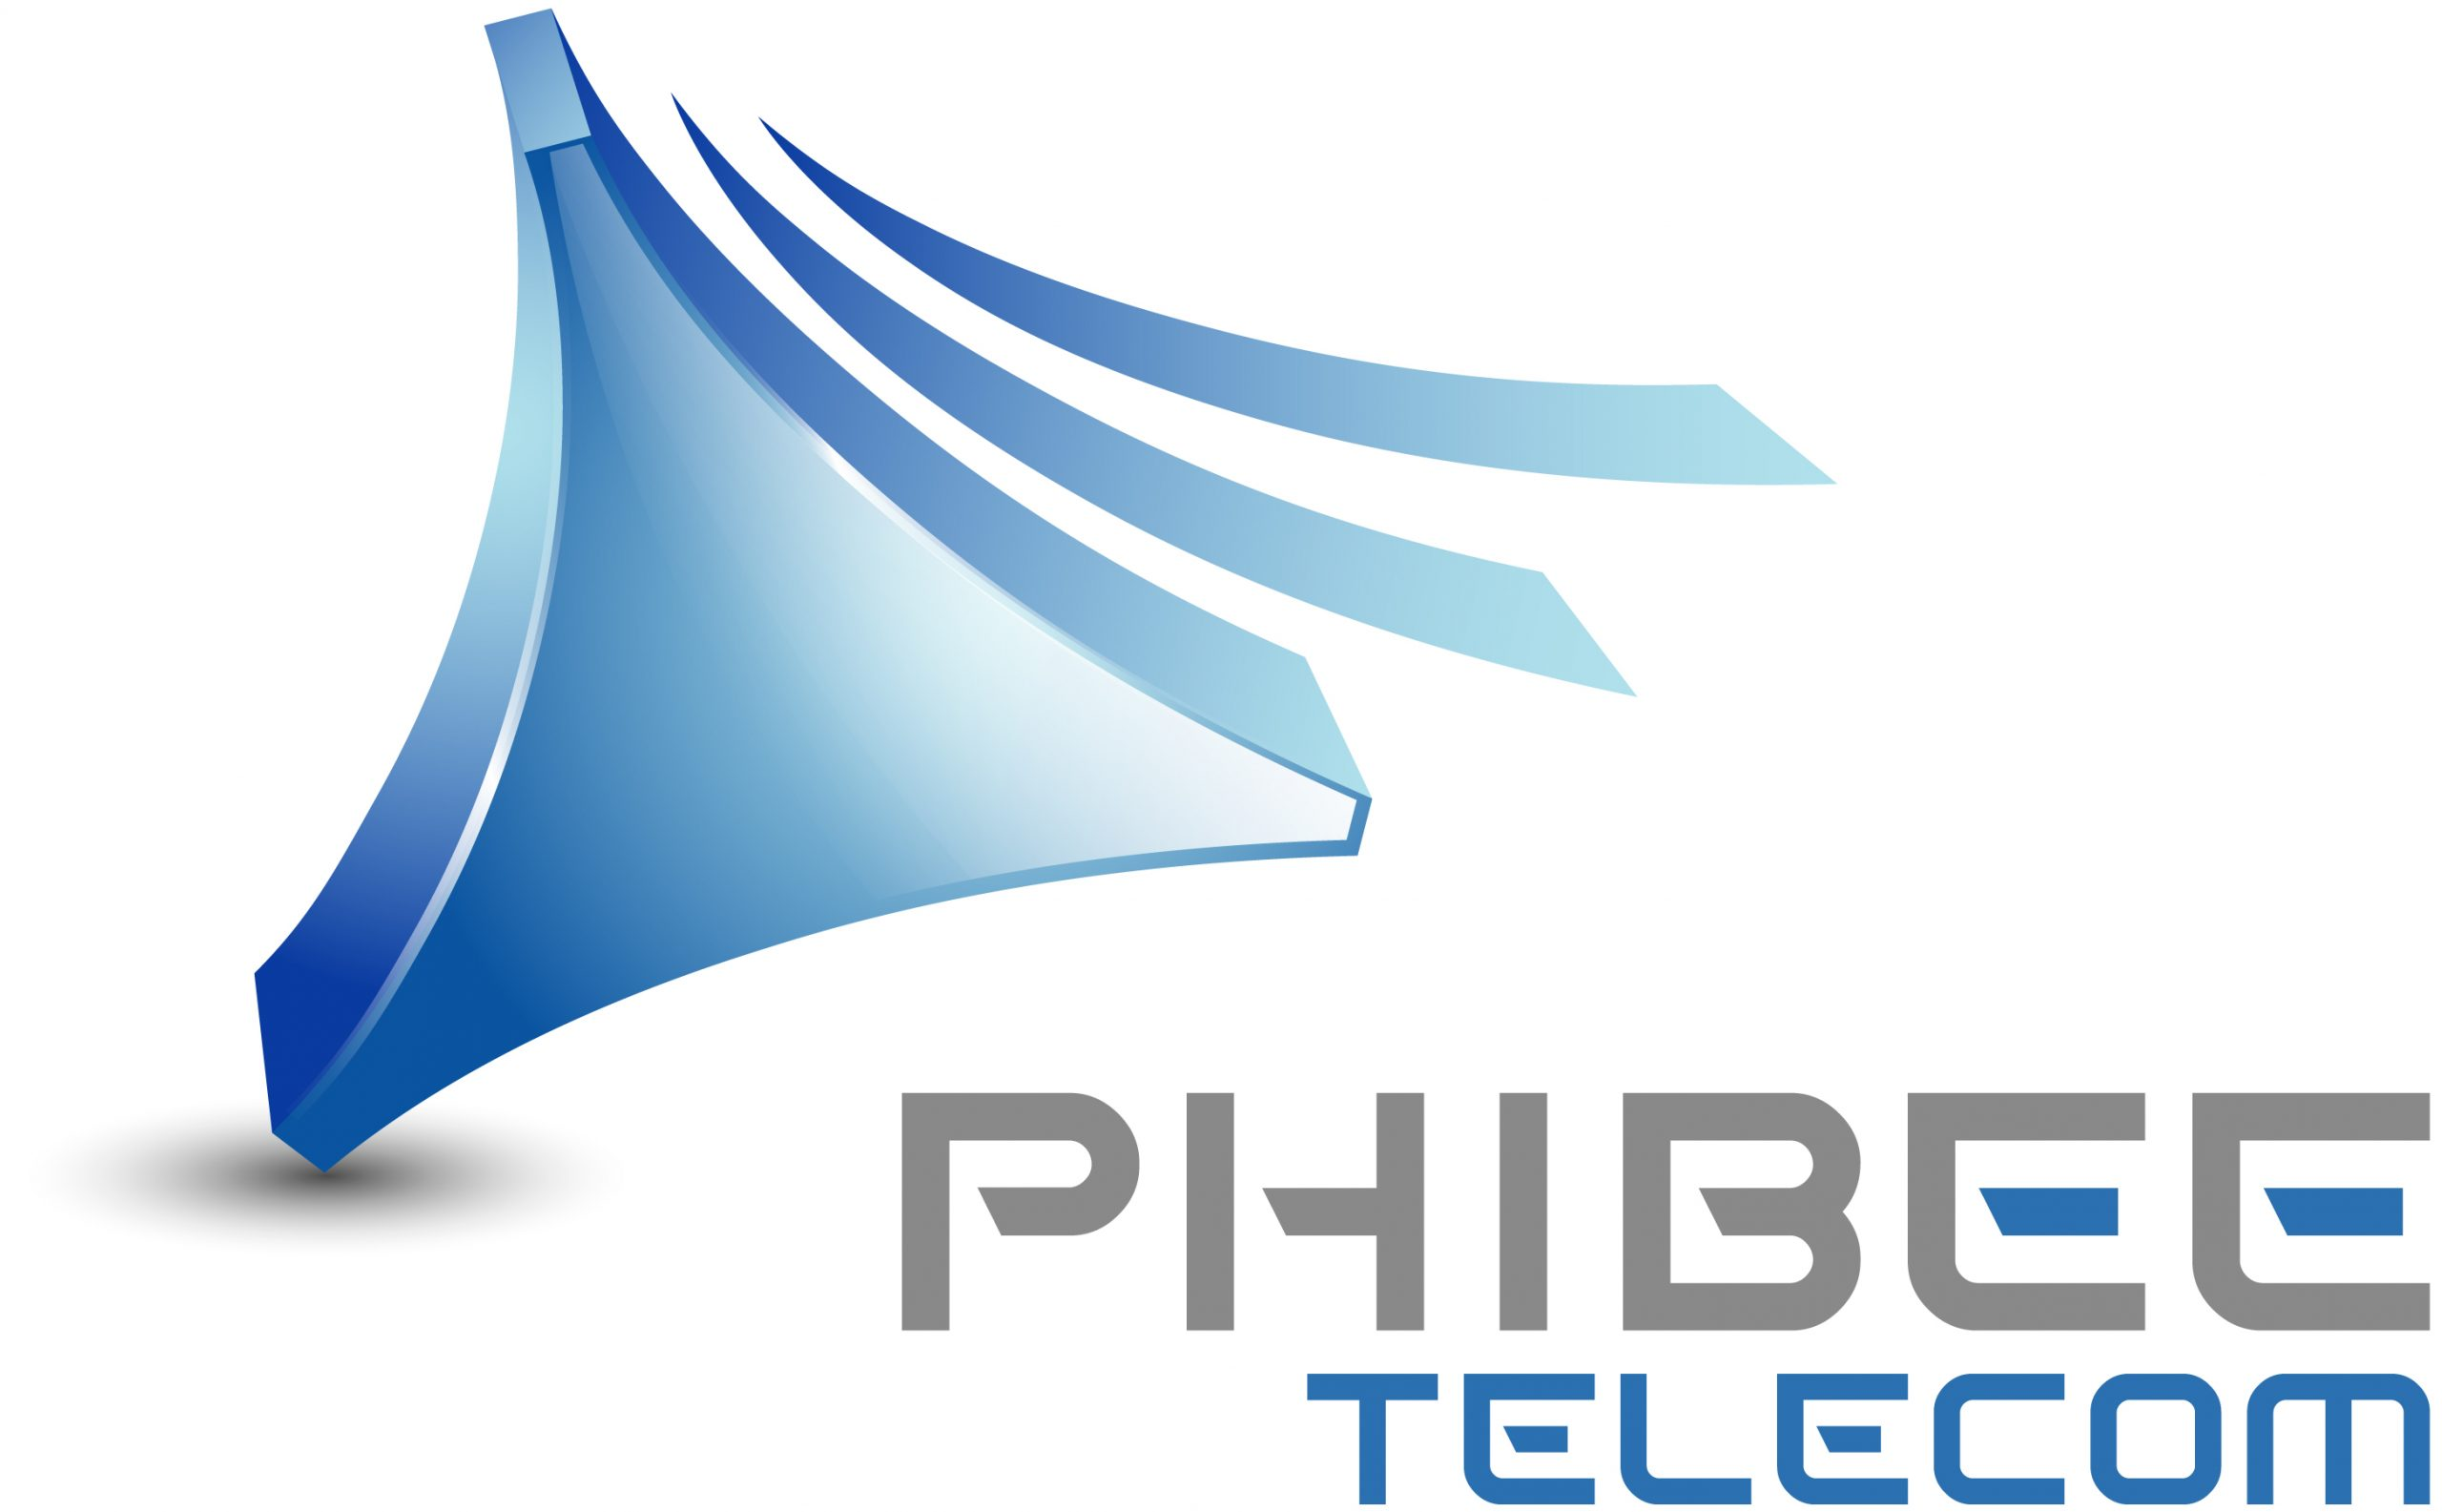 logo de Phibee Telecom